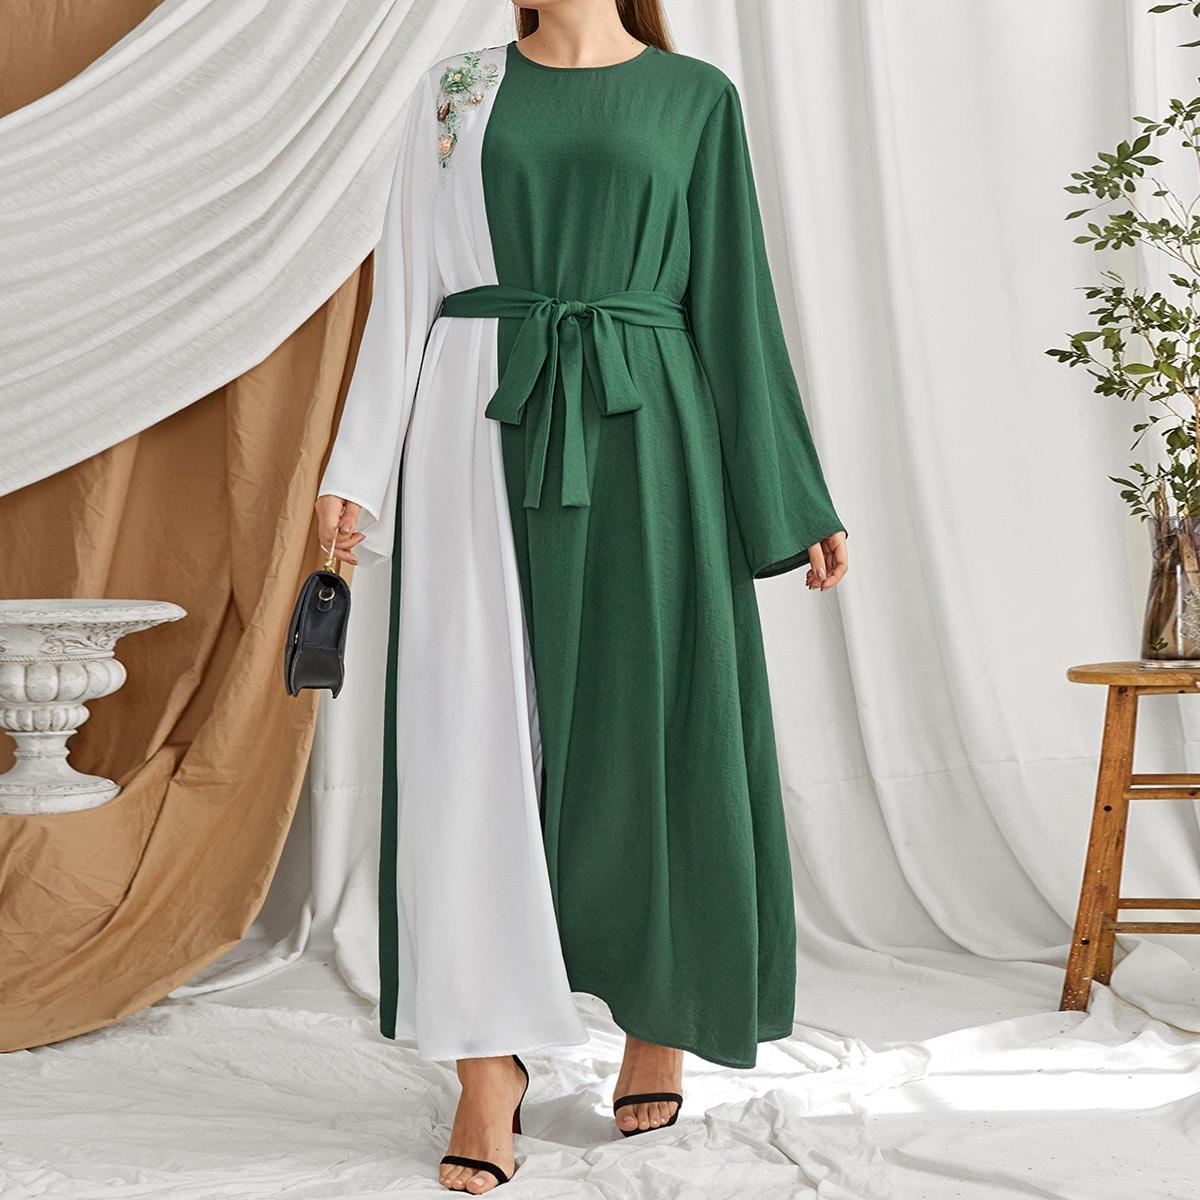 Контрастное многослойное платье размера плюс с поясом